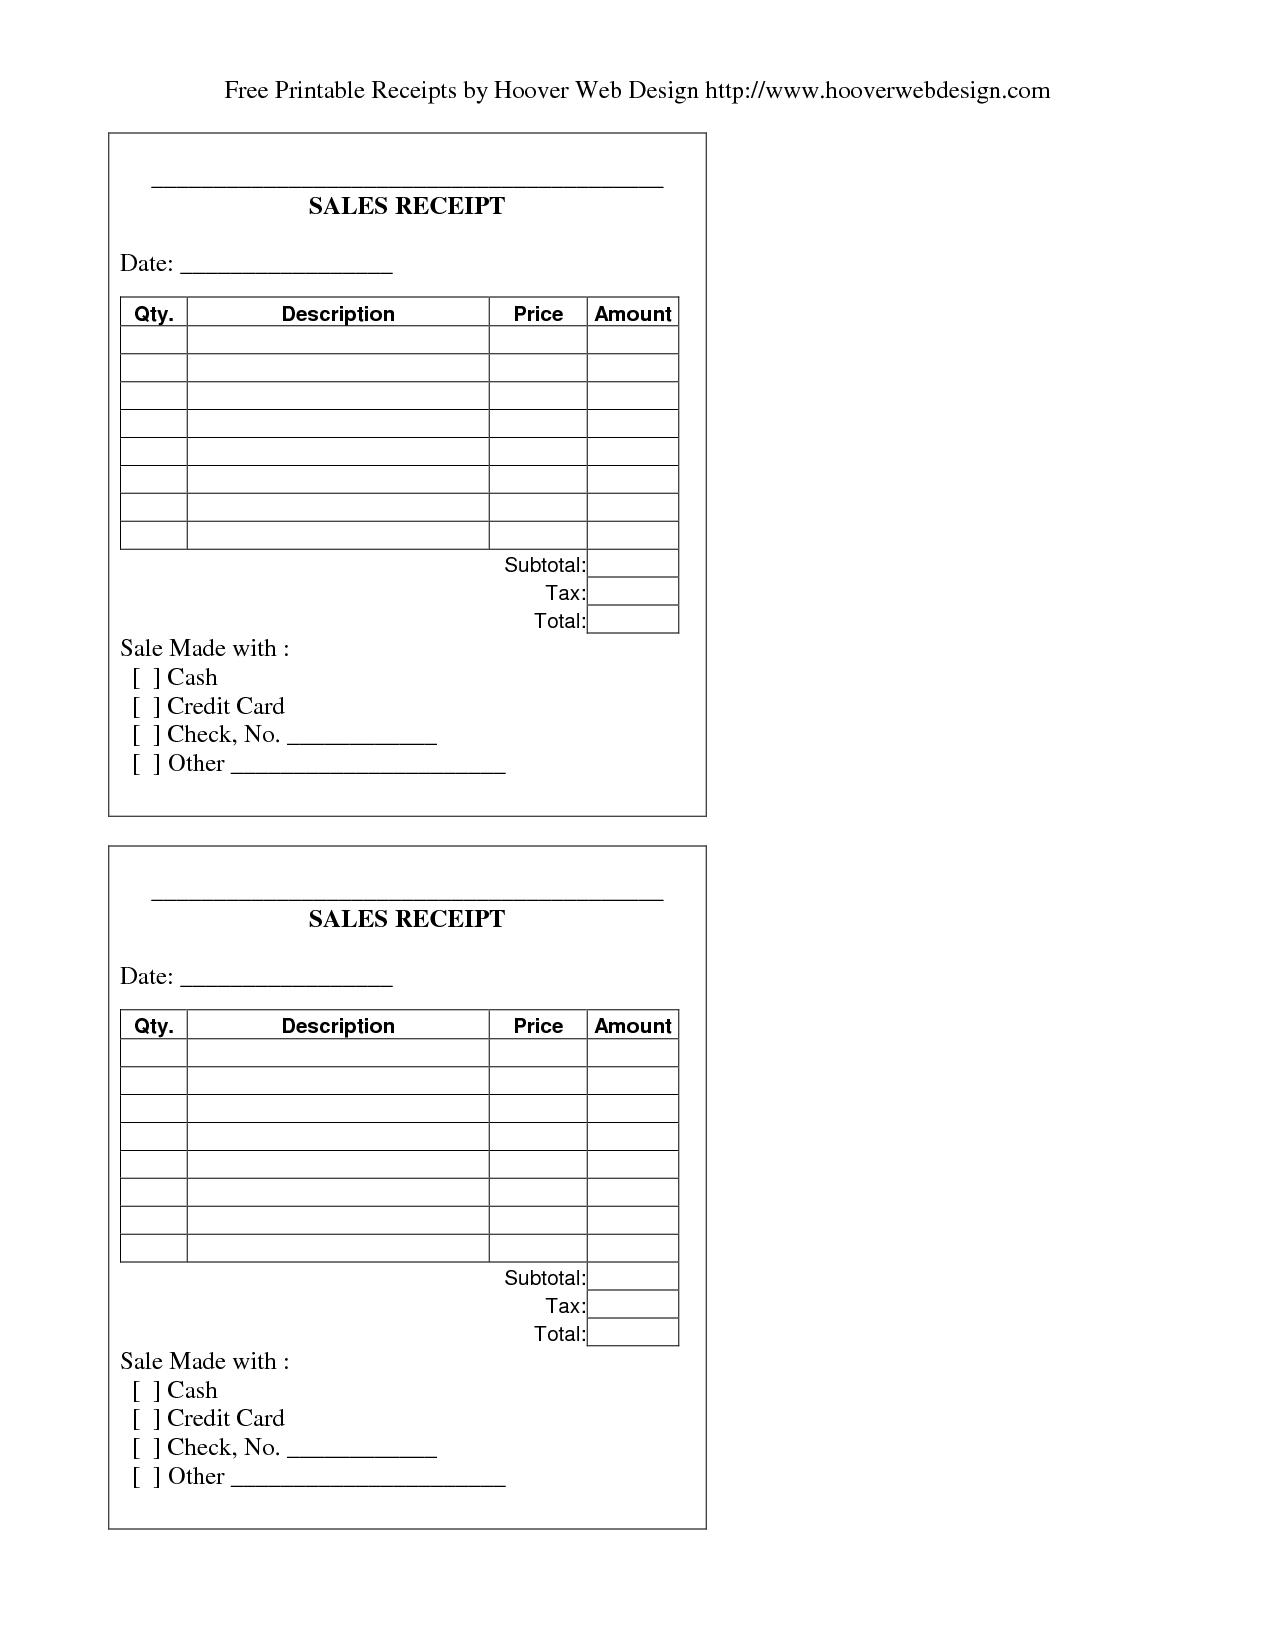 Doc709449 Printable Receipt Templates Free Receipt Forms 78 – Free Printable Receipt Forms